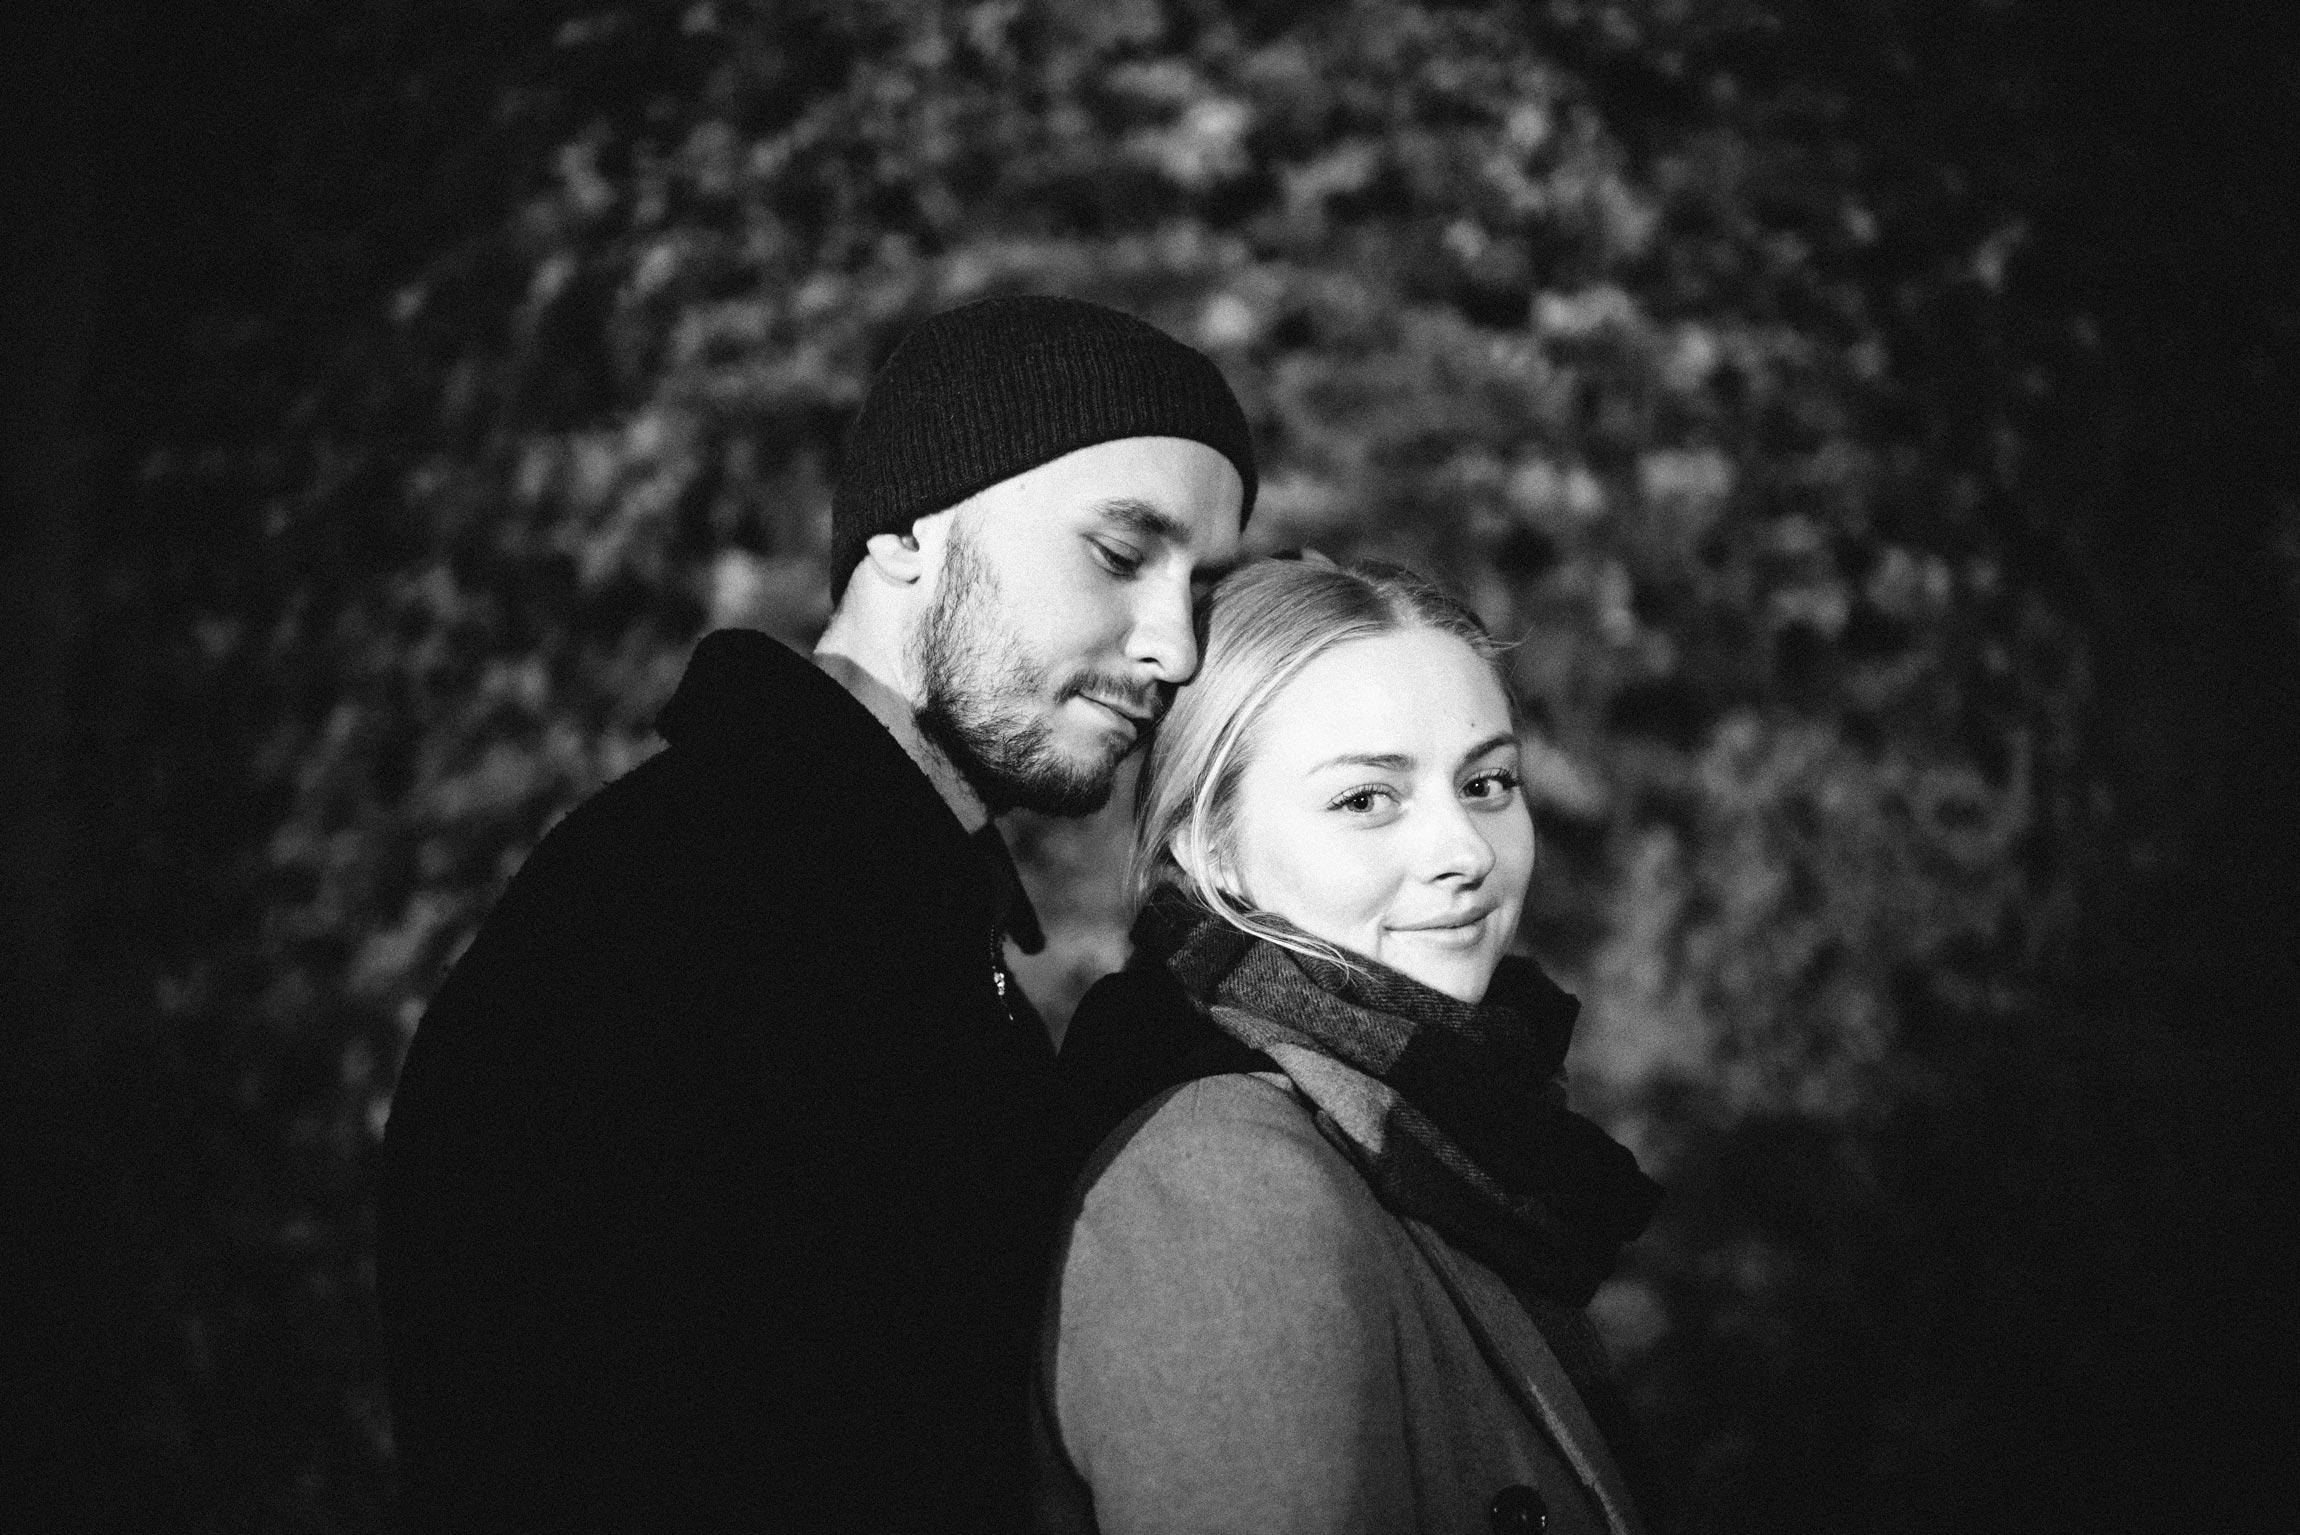 forlovelsesfotografering fra høst i Oslo. Mann klemmer kvinne